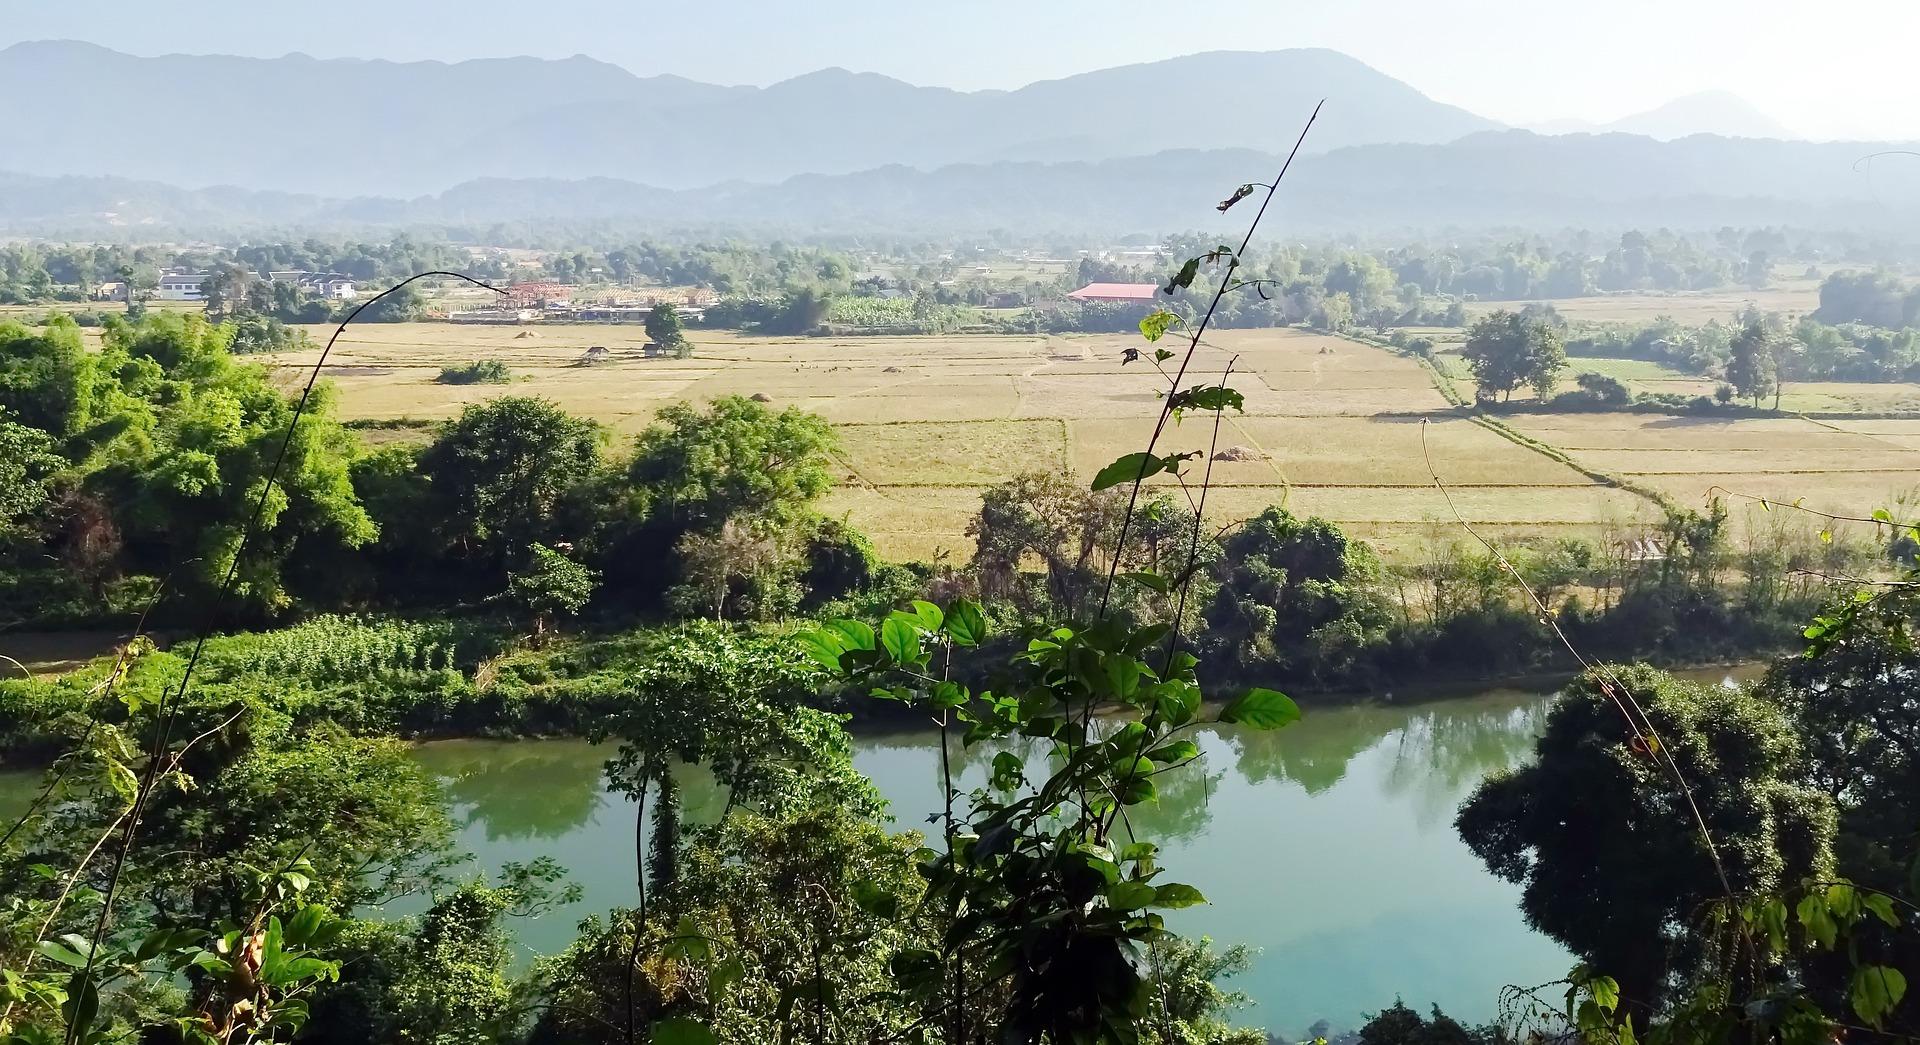 laos-2816722_1920.jpg